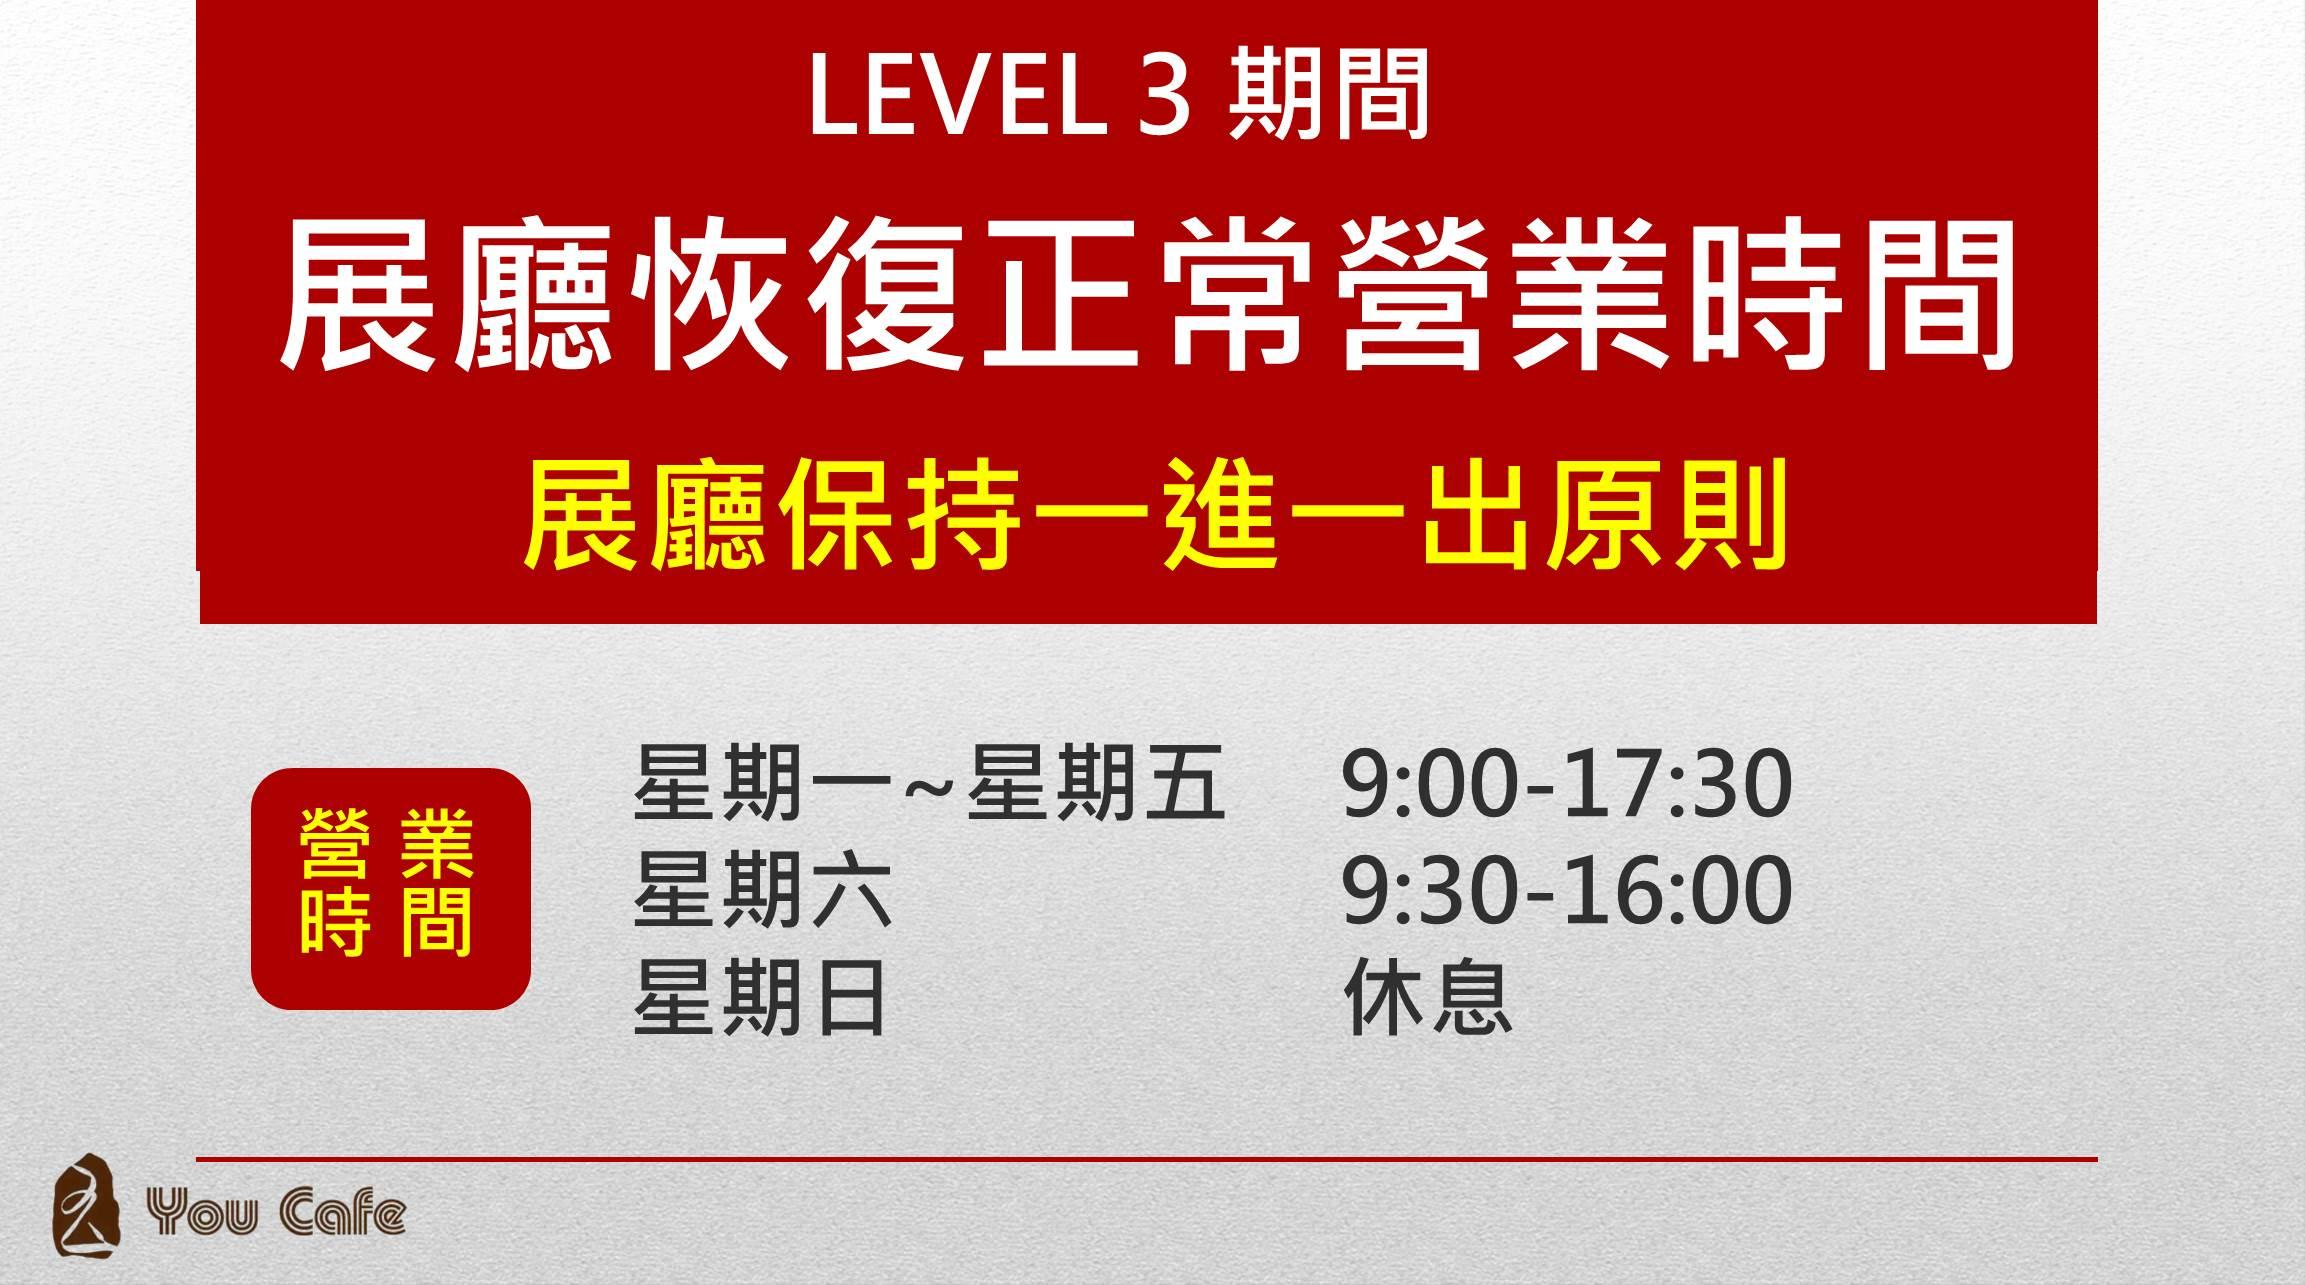 level 3正常營業